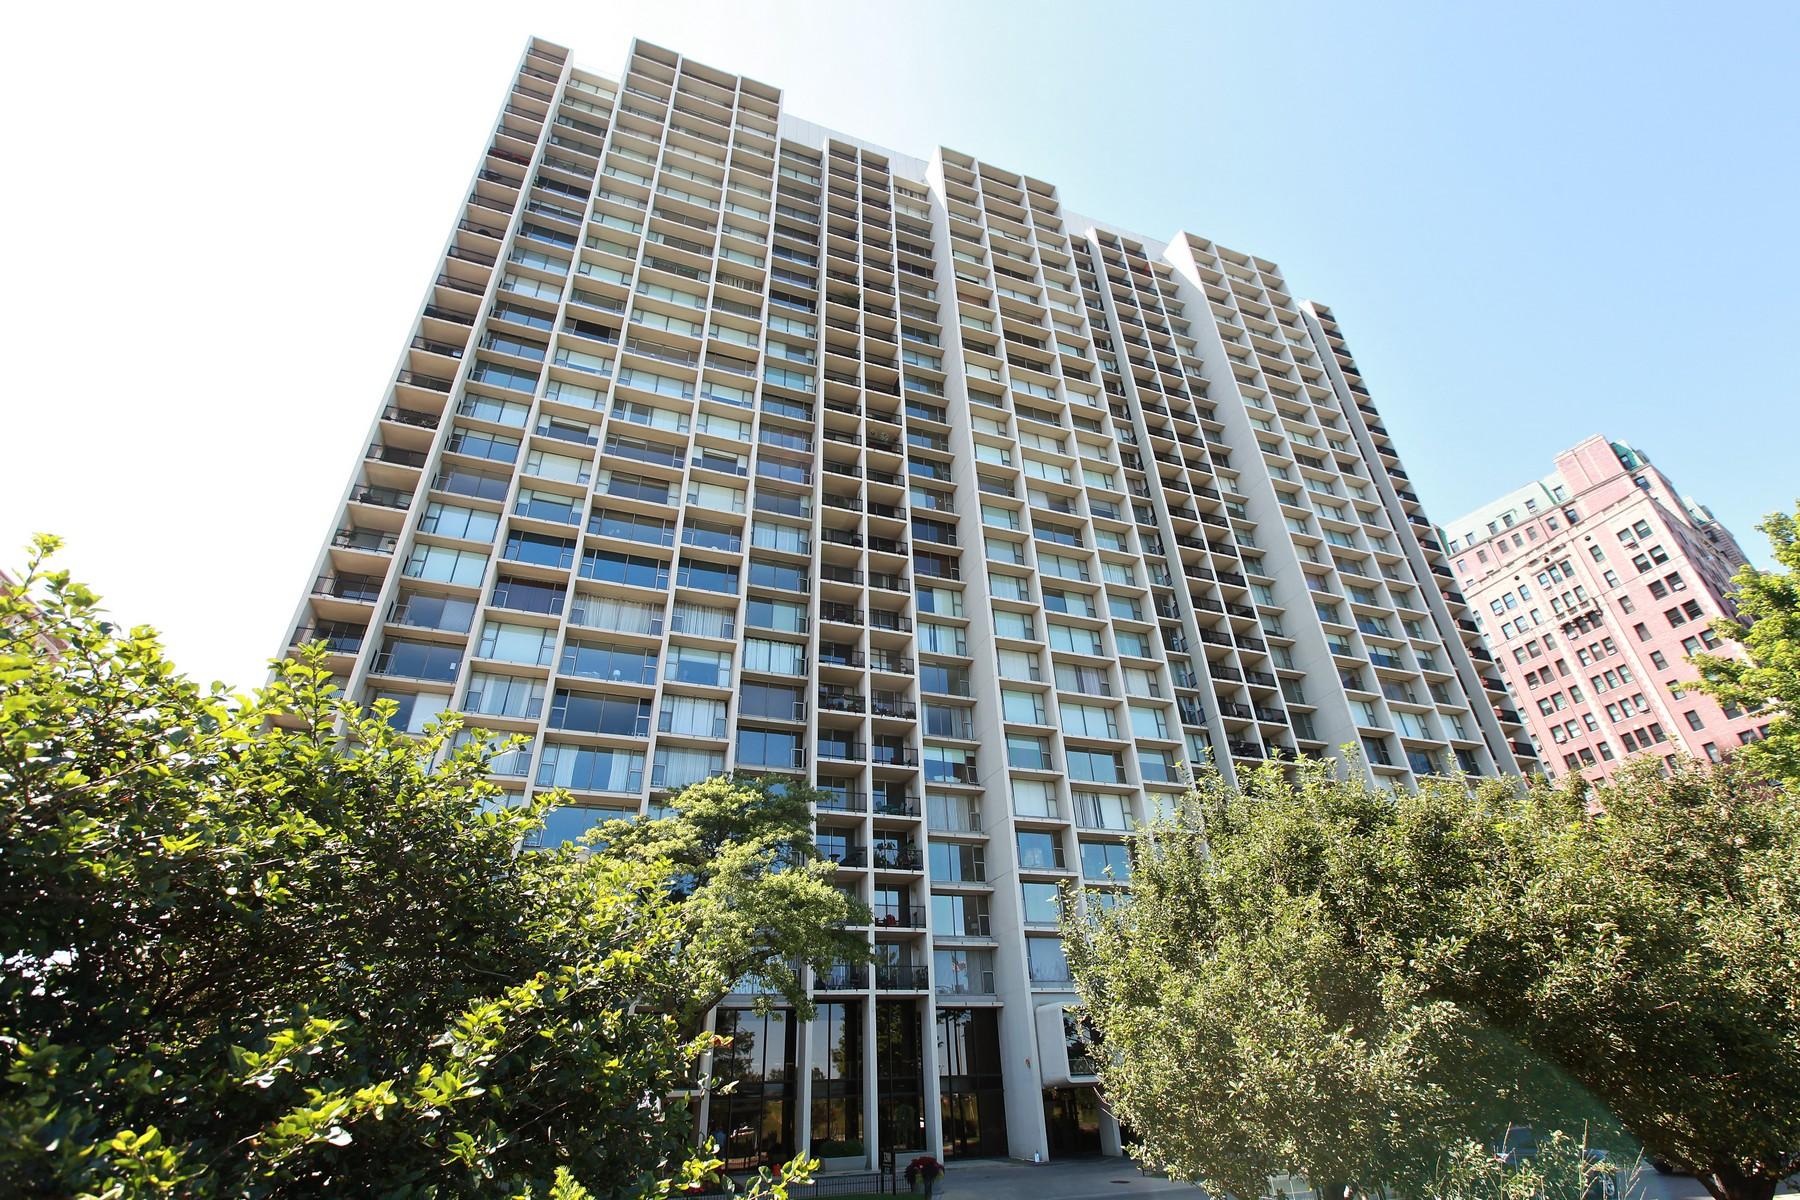 コンドミニアム のために 売買 アット Beautiful Condo at the Harbor House 3200 N Lake Shore Drive Unit 610 Lakeview, Chicago, イリノイ, 60657 アメリカ合衆国